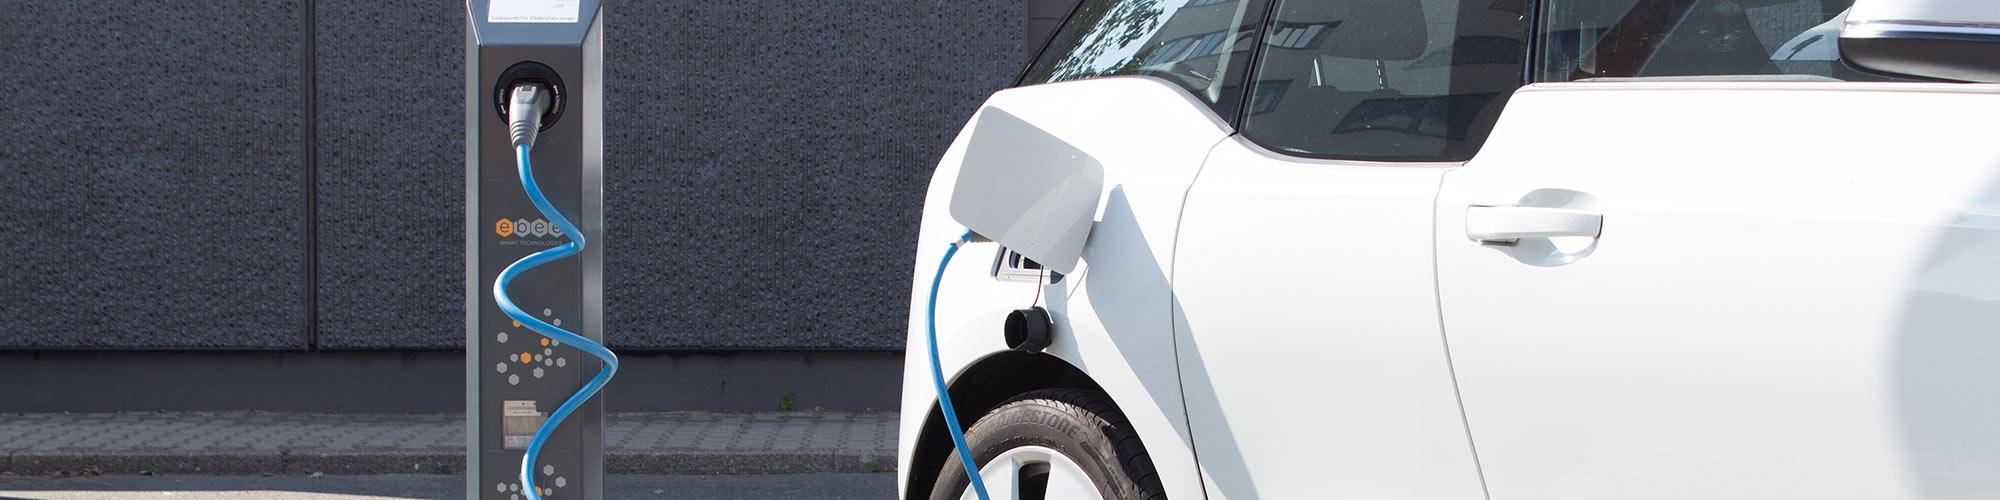 Sécurité électrique pour la mobilité électrique